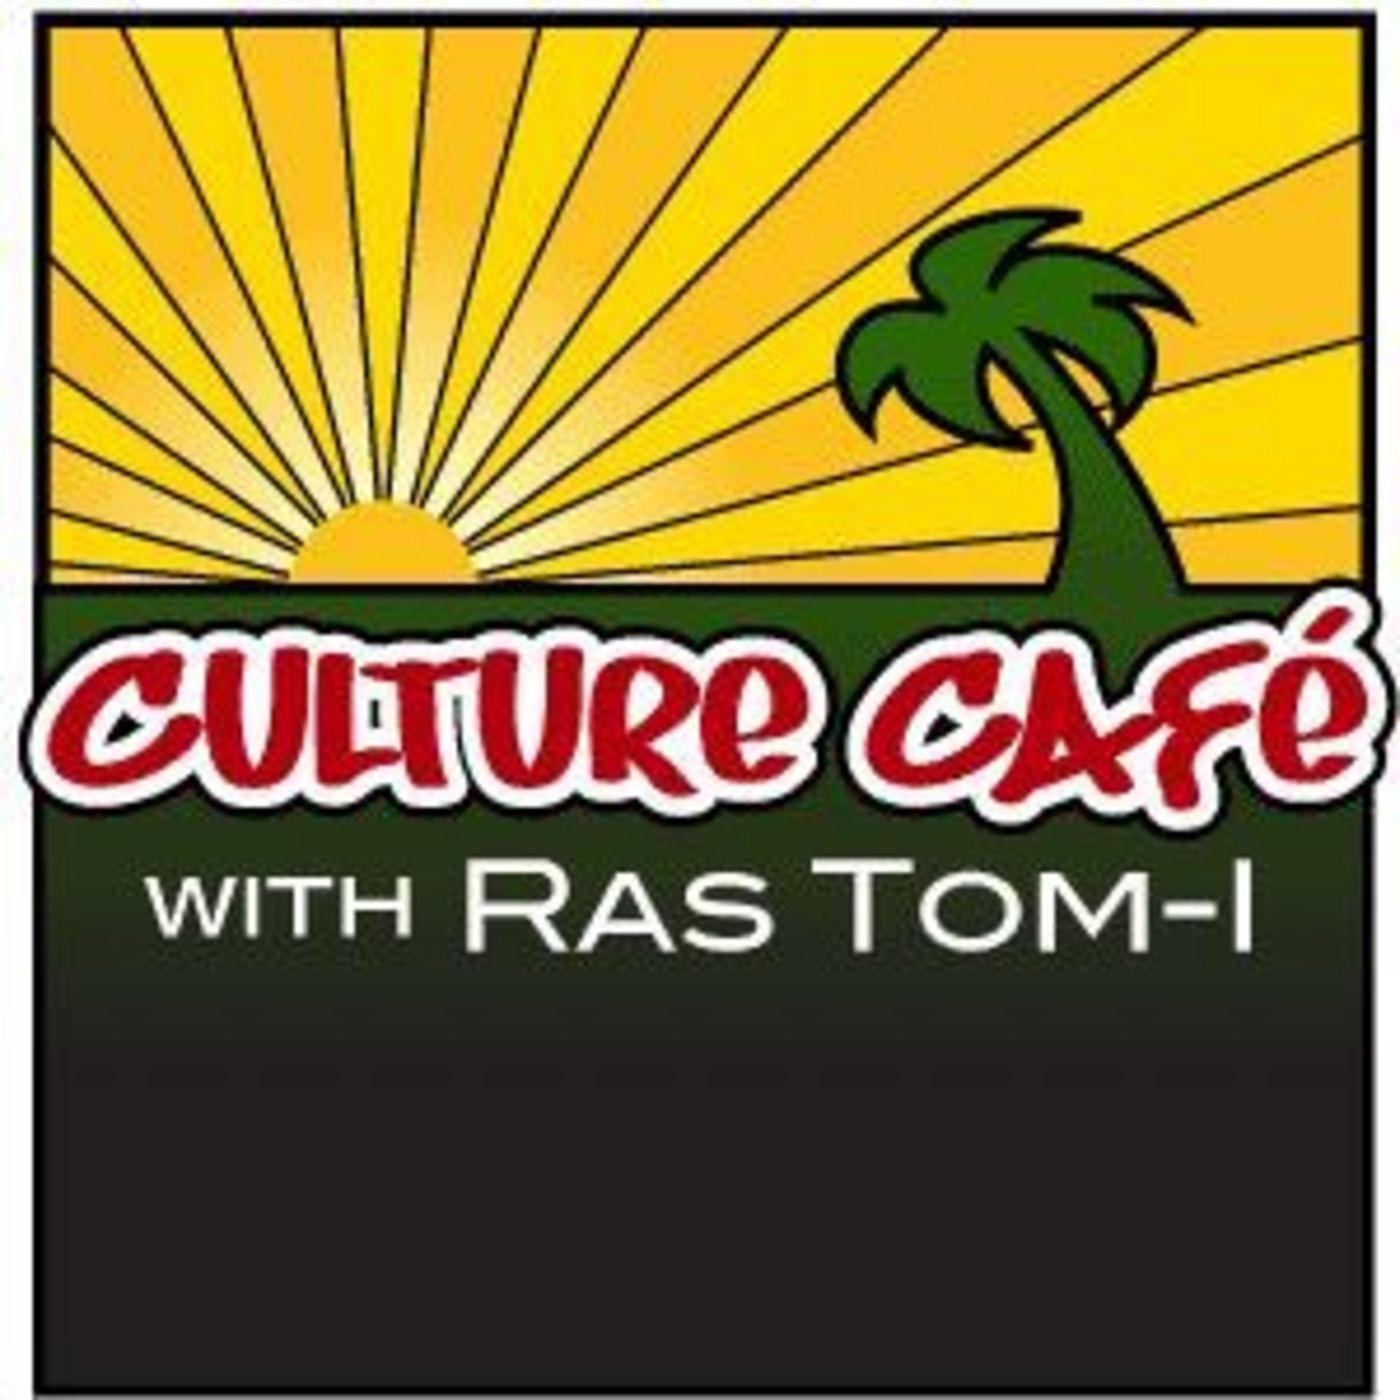 <![CDATA[Bigupradio.com CULTURE CAFE]]>